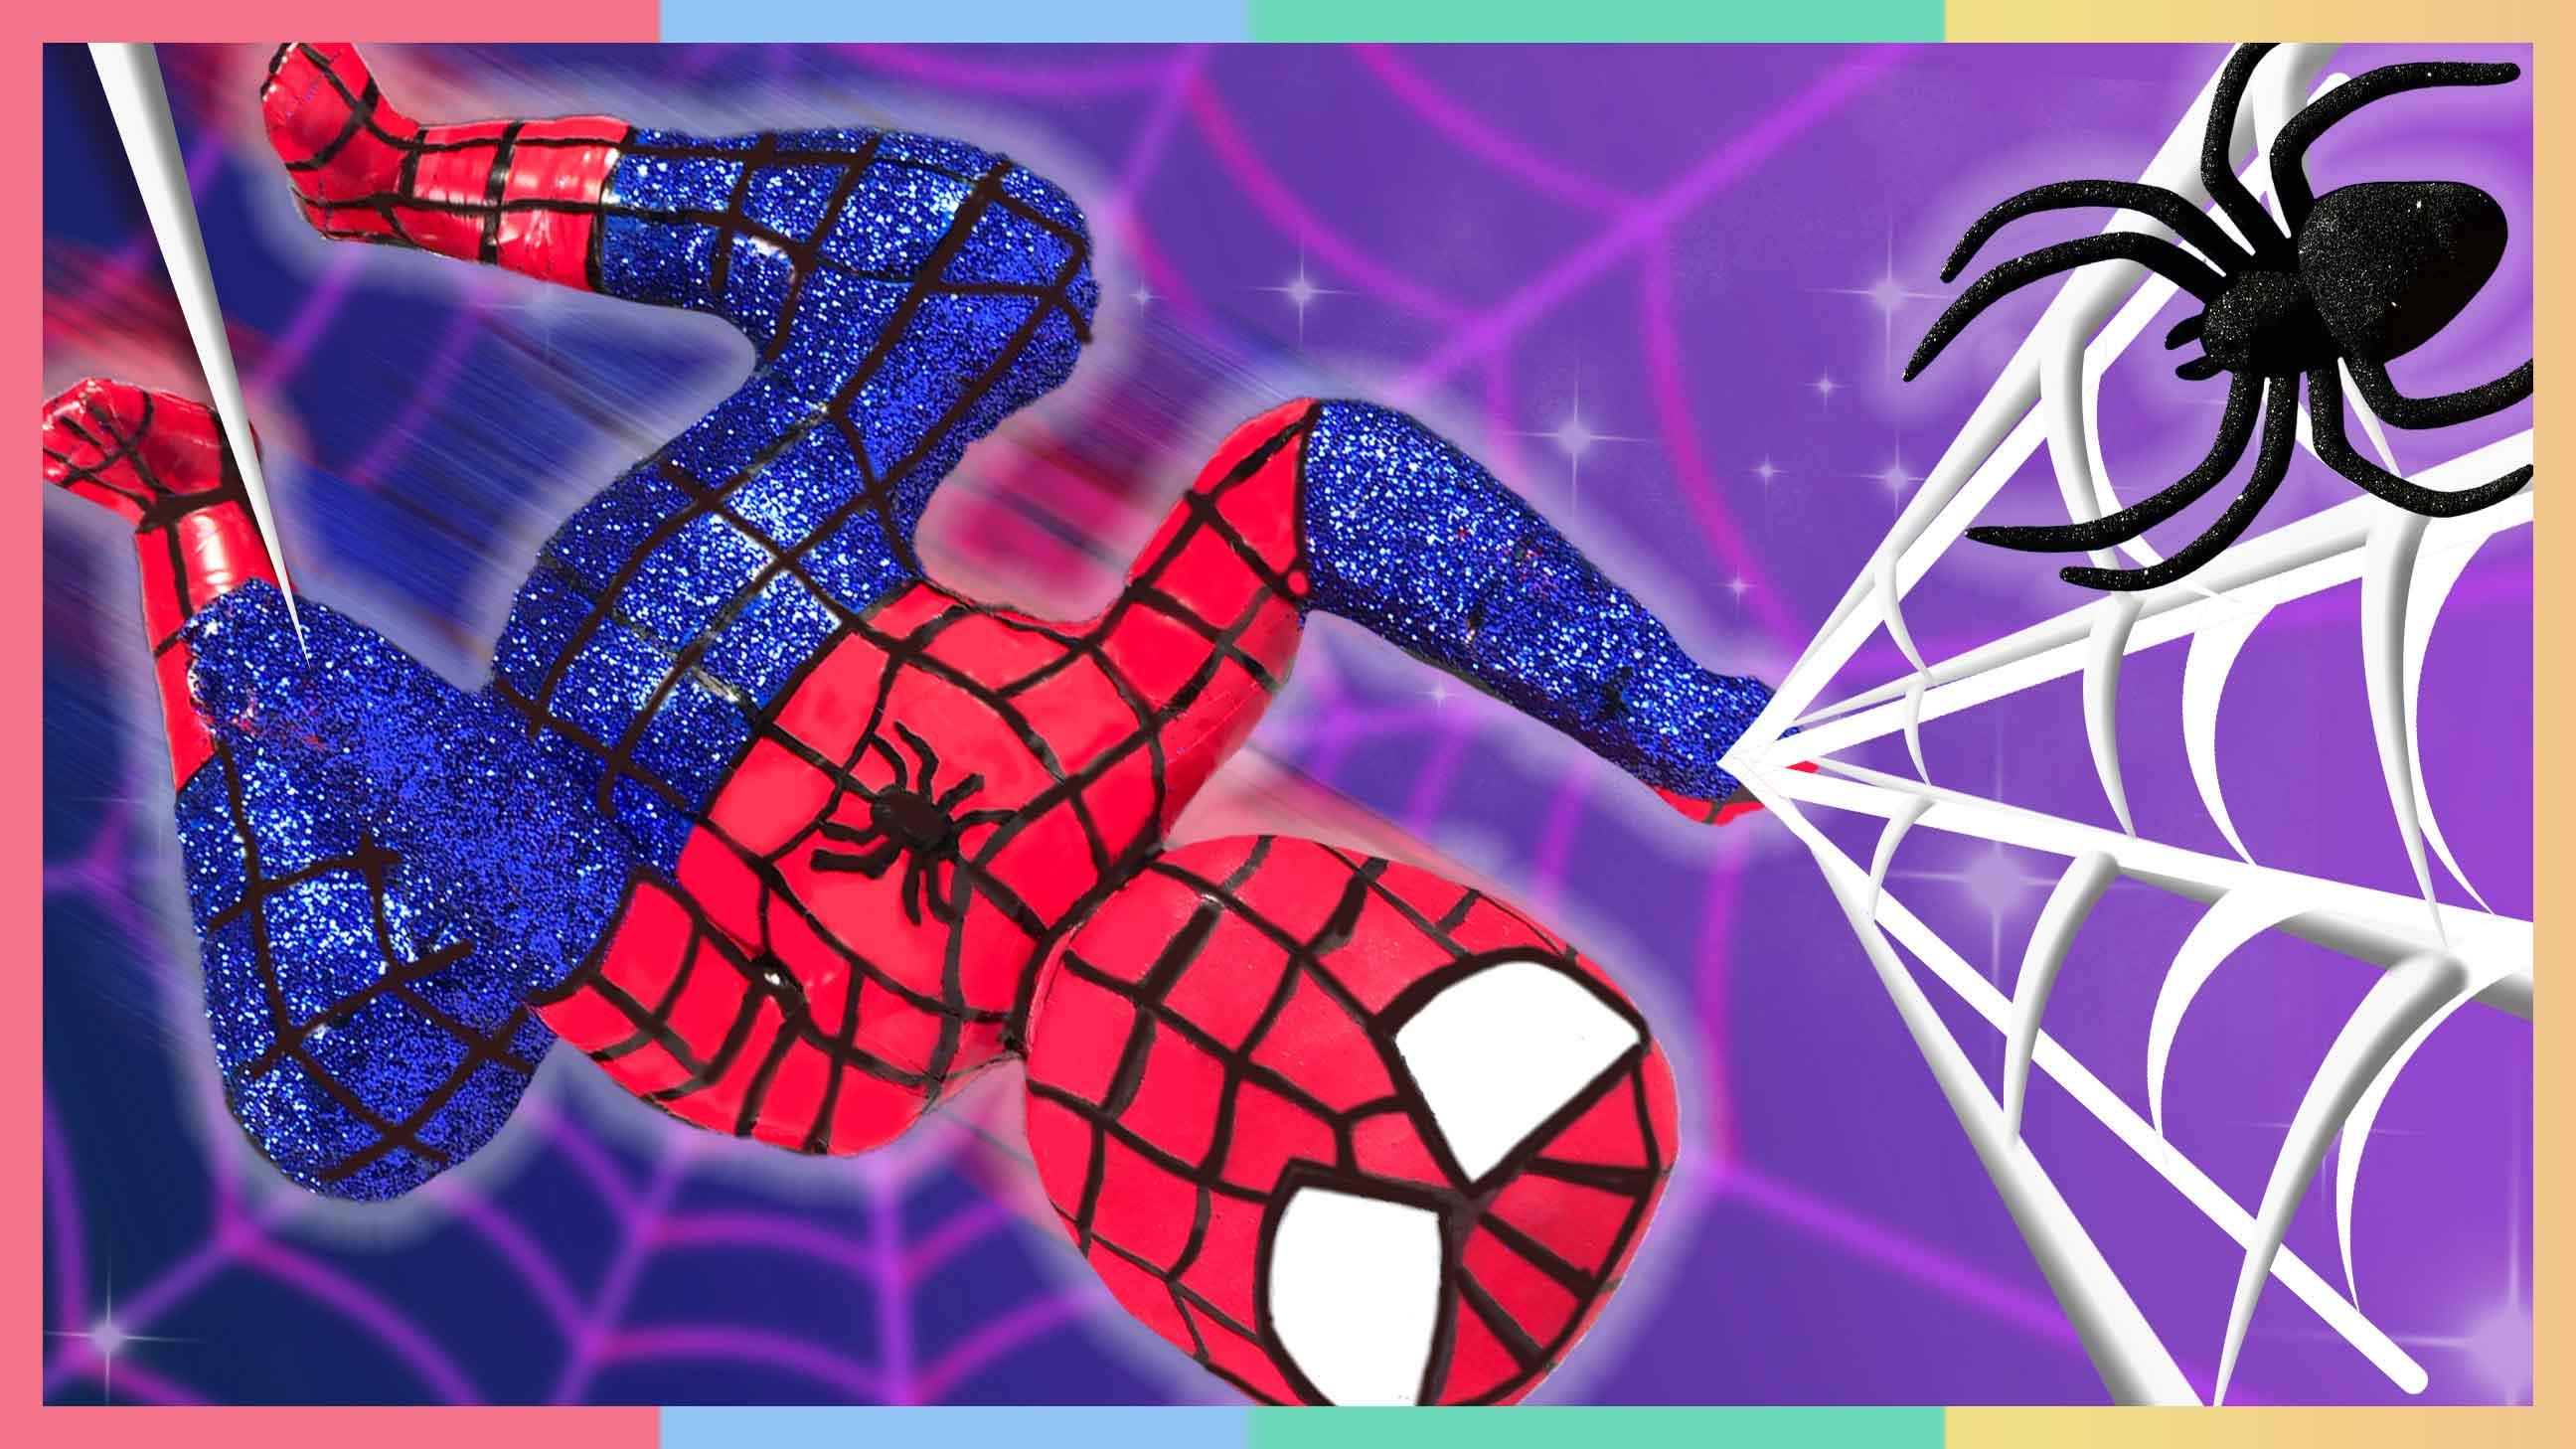 DIY闪闪亮亮蜘蛛侠!超级英雄小凯利出动   凯利和玩具朋友们 CarrieAndToys